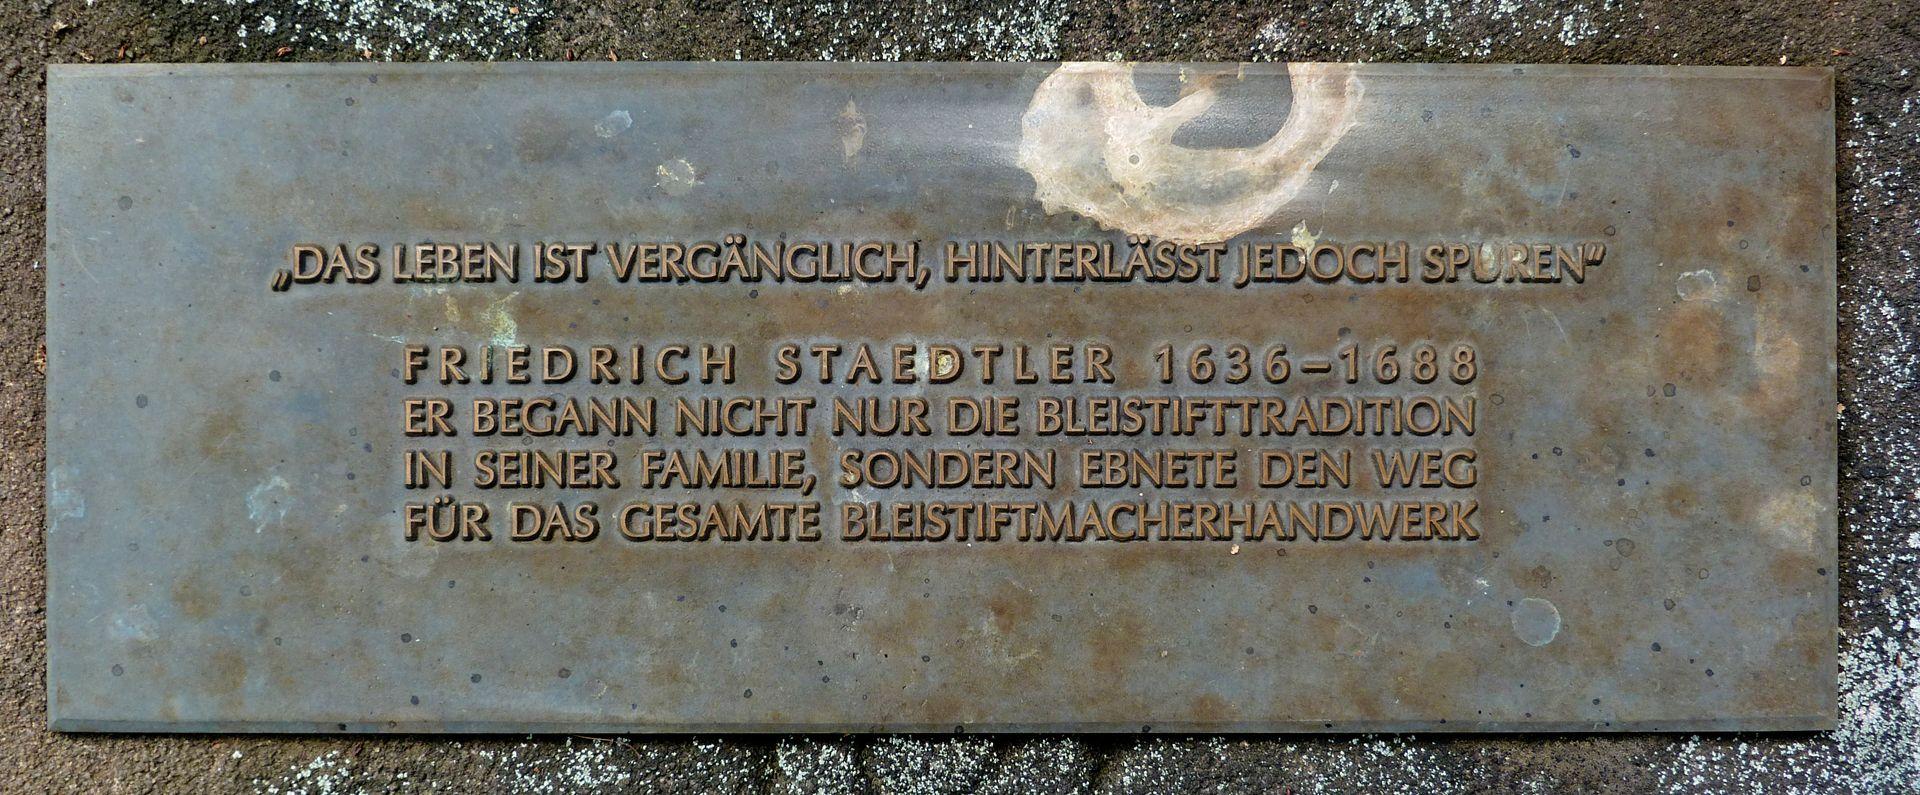 Friedrich Staedler Grabstätte Inschrift